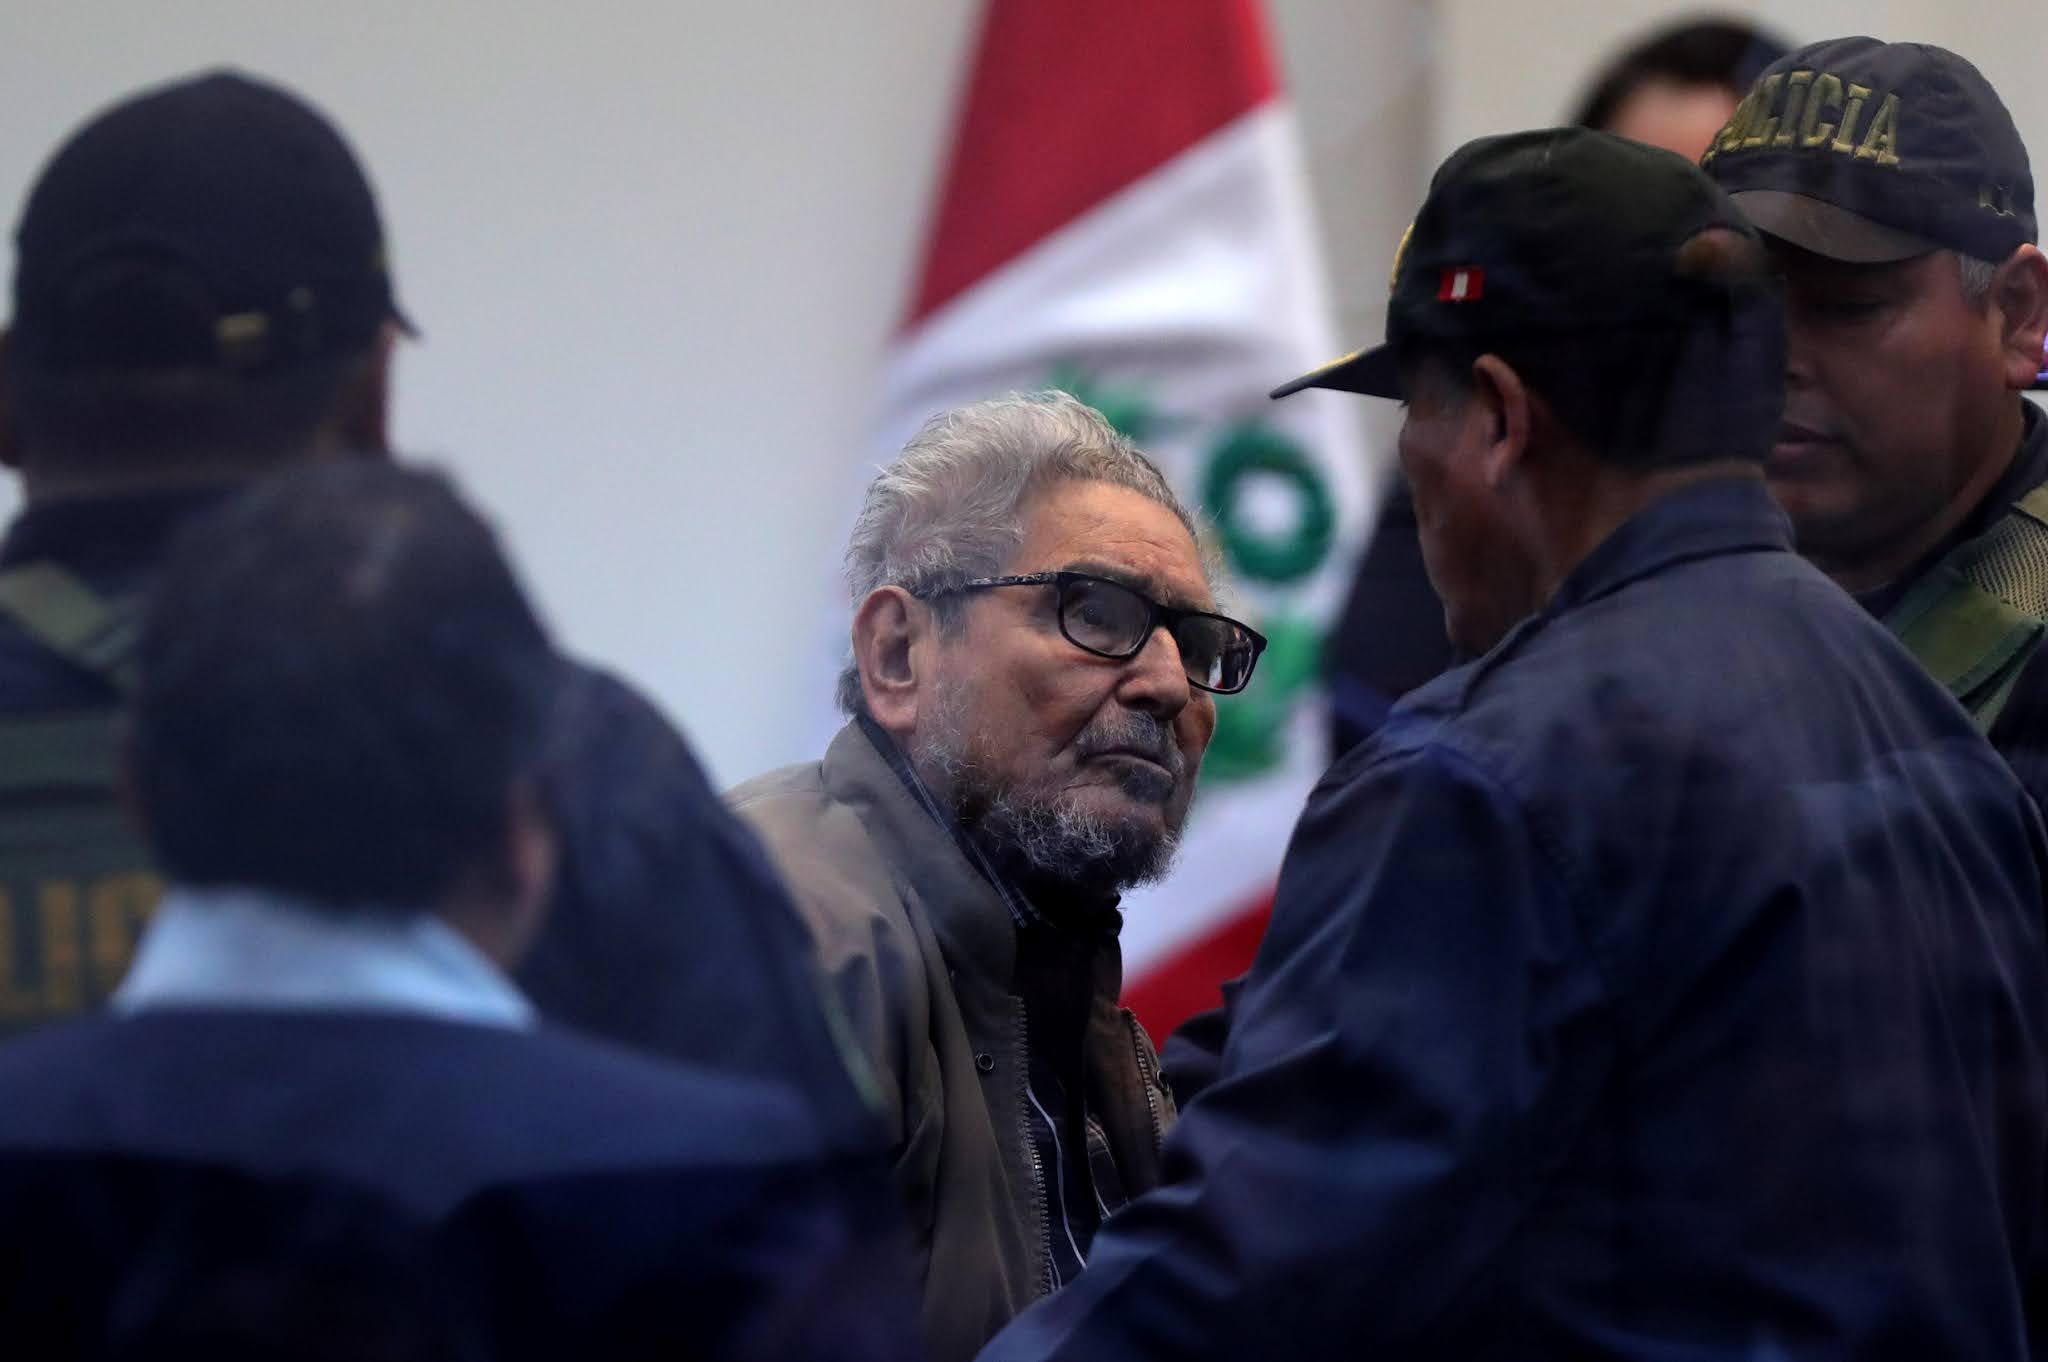 Murió en la cárcel Abimael Guzmán, fundador de la banda terrorista Sendero Luminoso